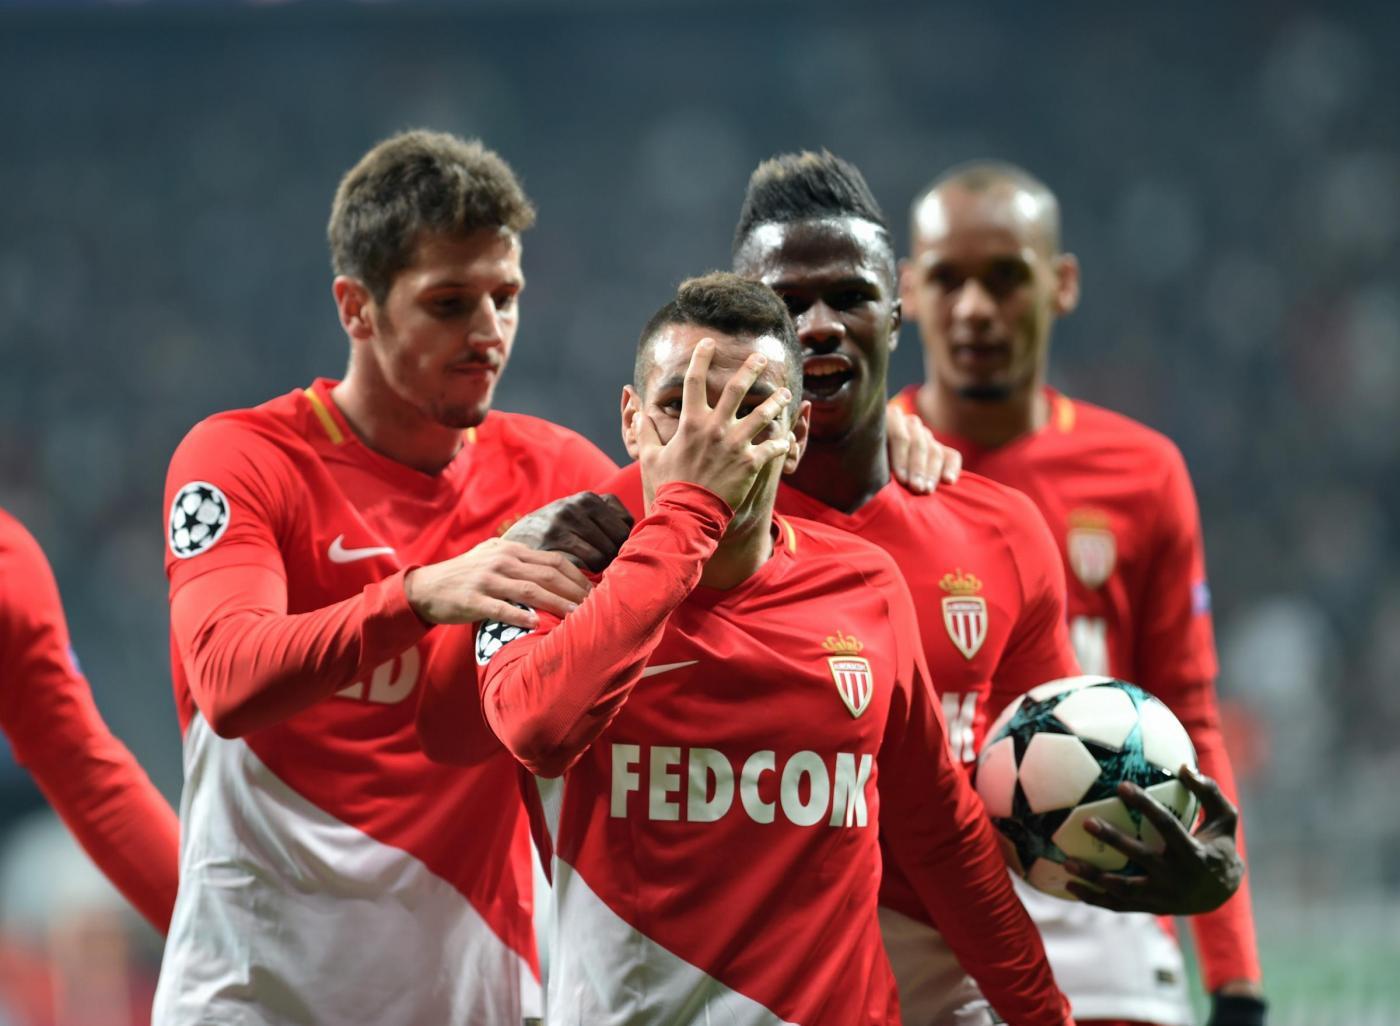 Strasburgo-Monaco 20 ottobre: match della decima giornata del campionato francese. I monegaschi hanno un nuovo allenatore.